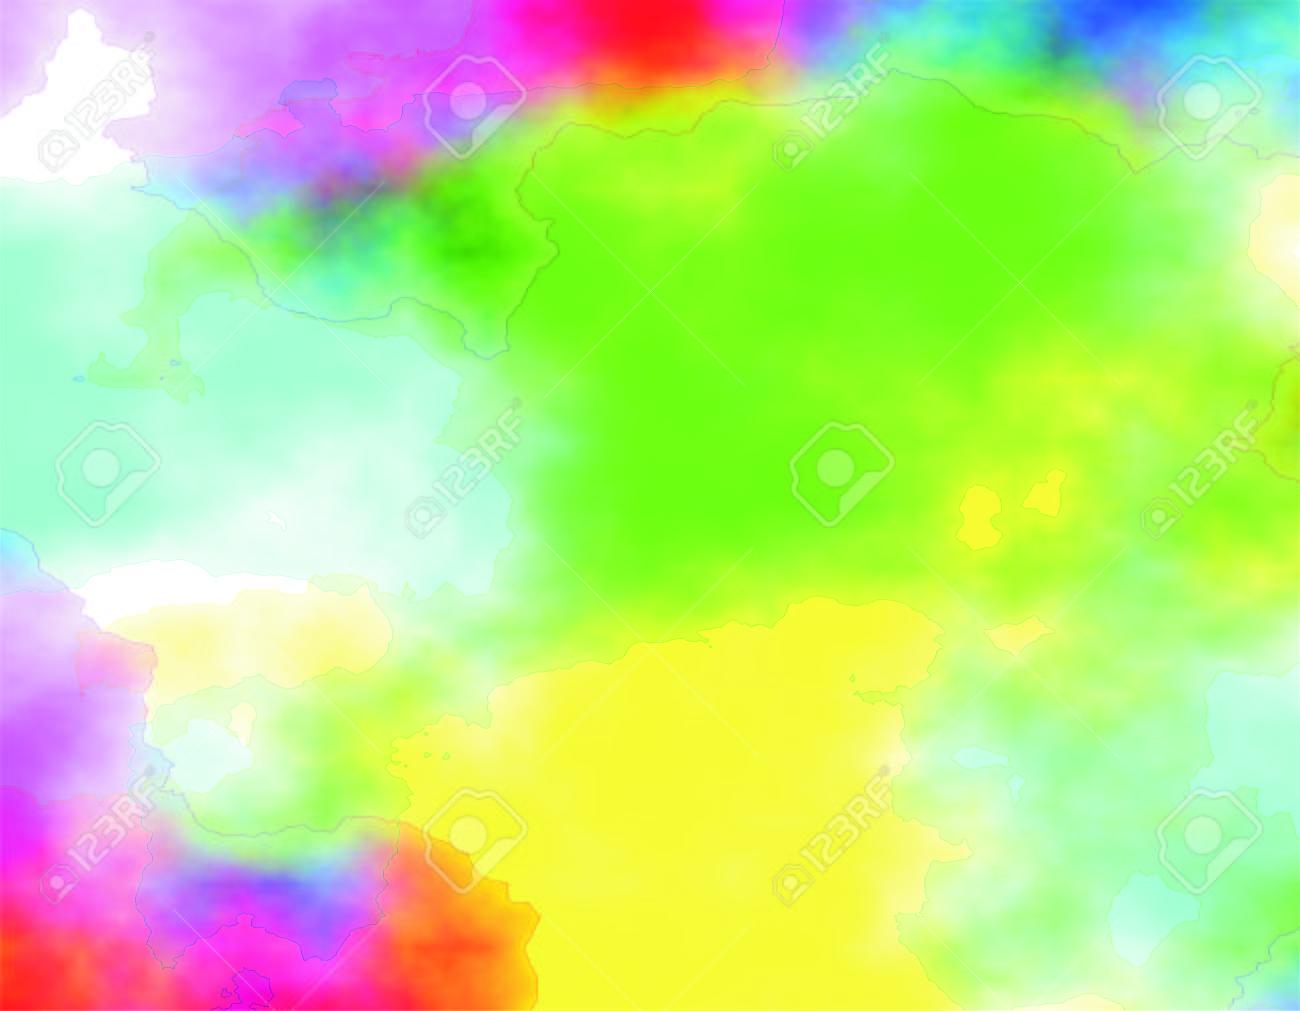 Immagini Stock Sfondo Colorato Astratto Acquerello Digitale O